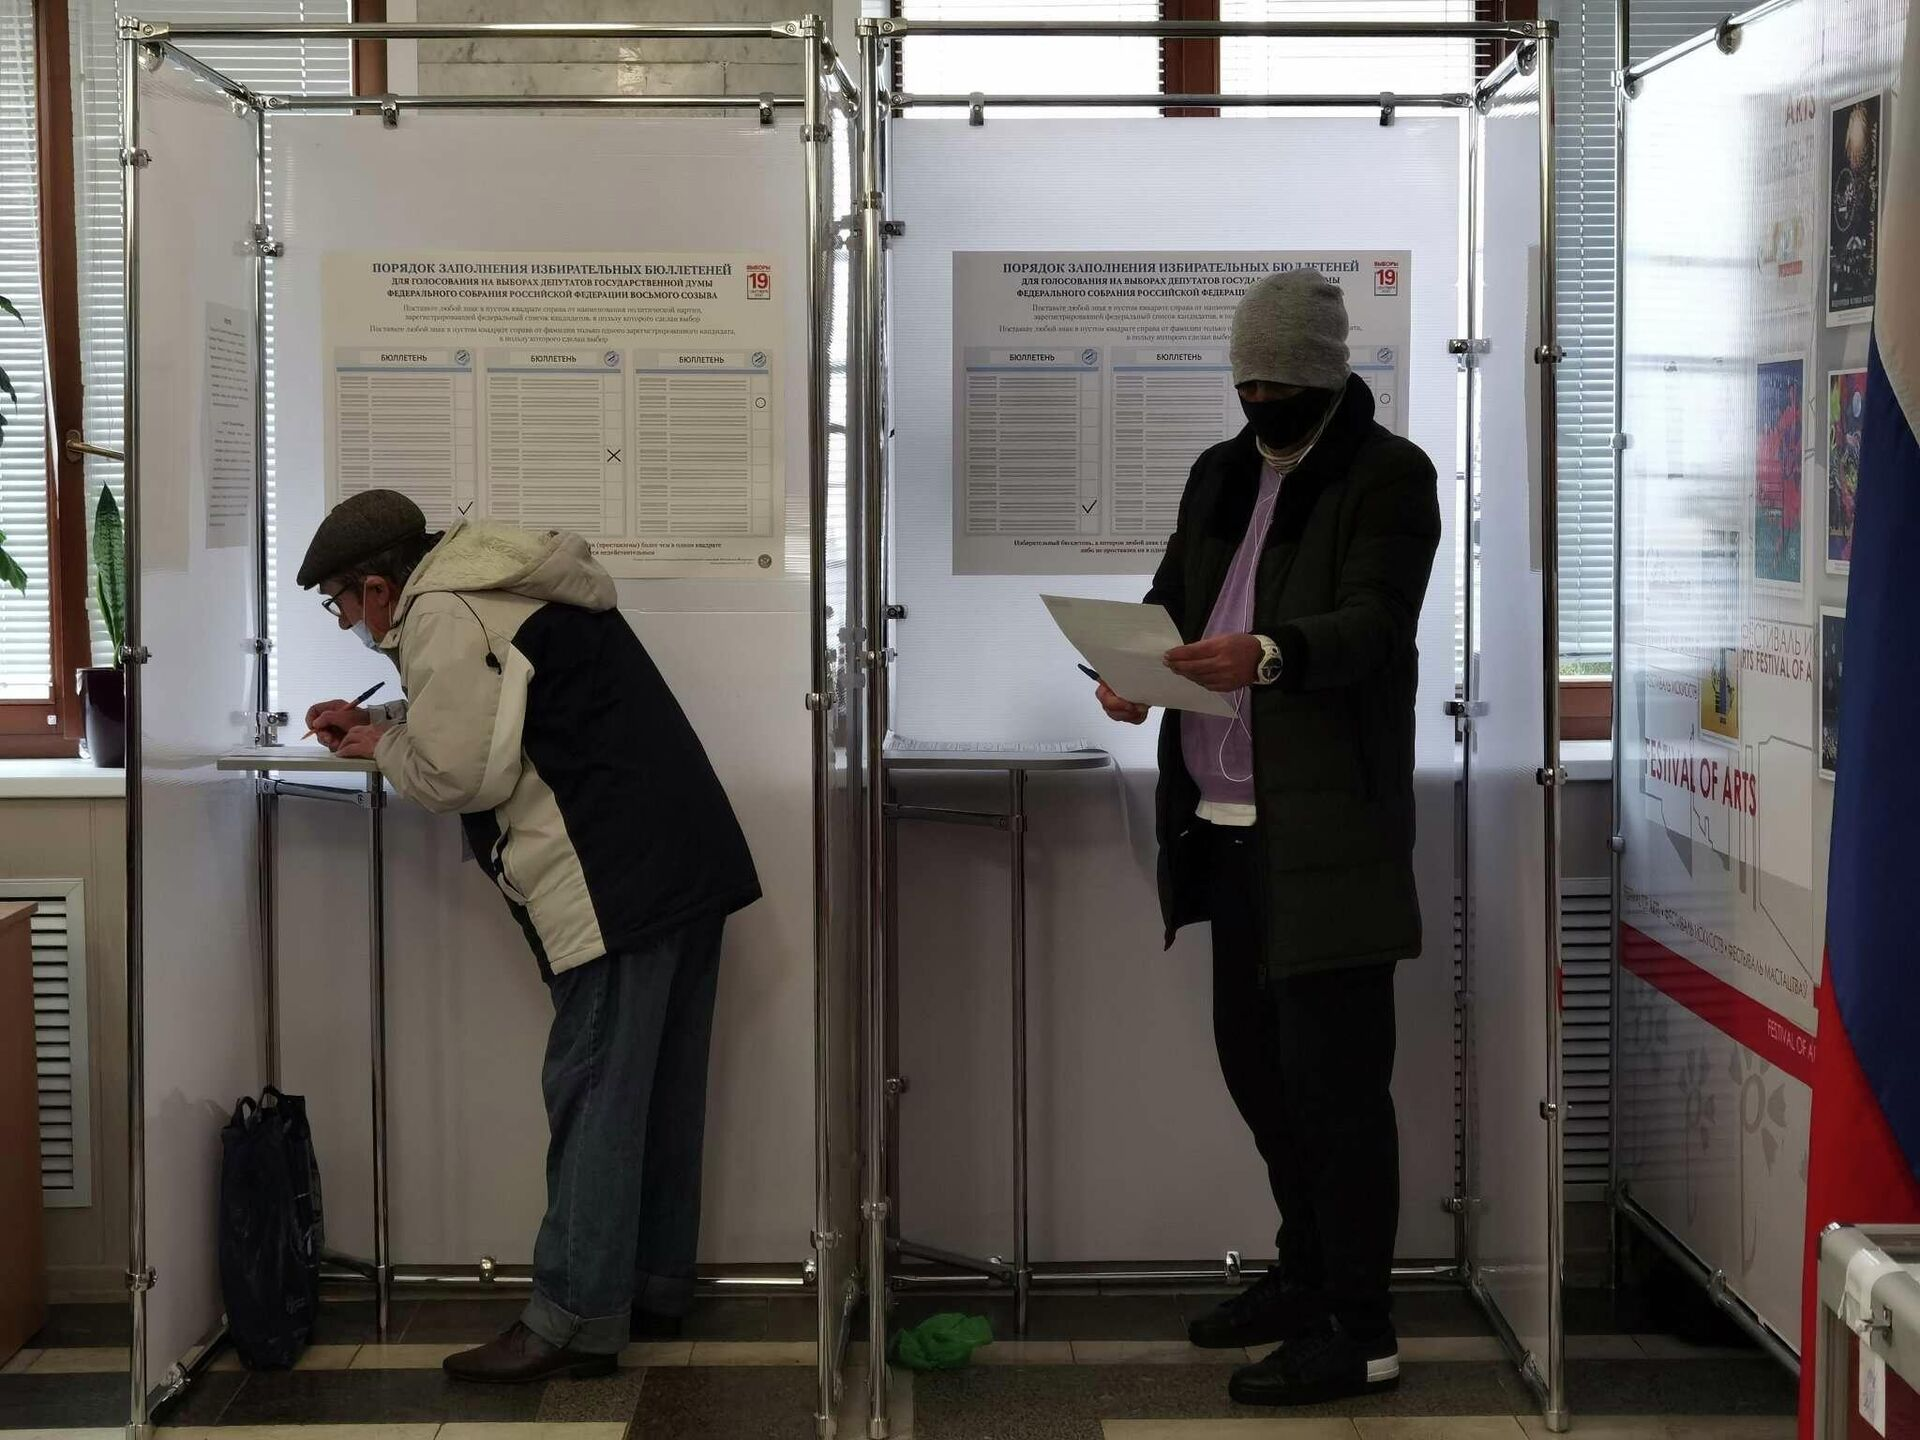 На участке приняли все необходимые меры эпидемиологической безопасности, а кабинки для голосования сделали открытыми, чтобы воздух в них застаивался - Sputnik Беларусь, 1920, 19.09.2021